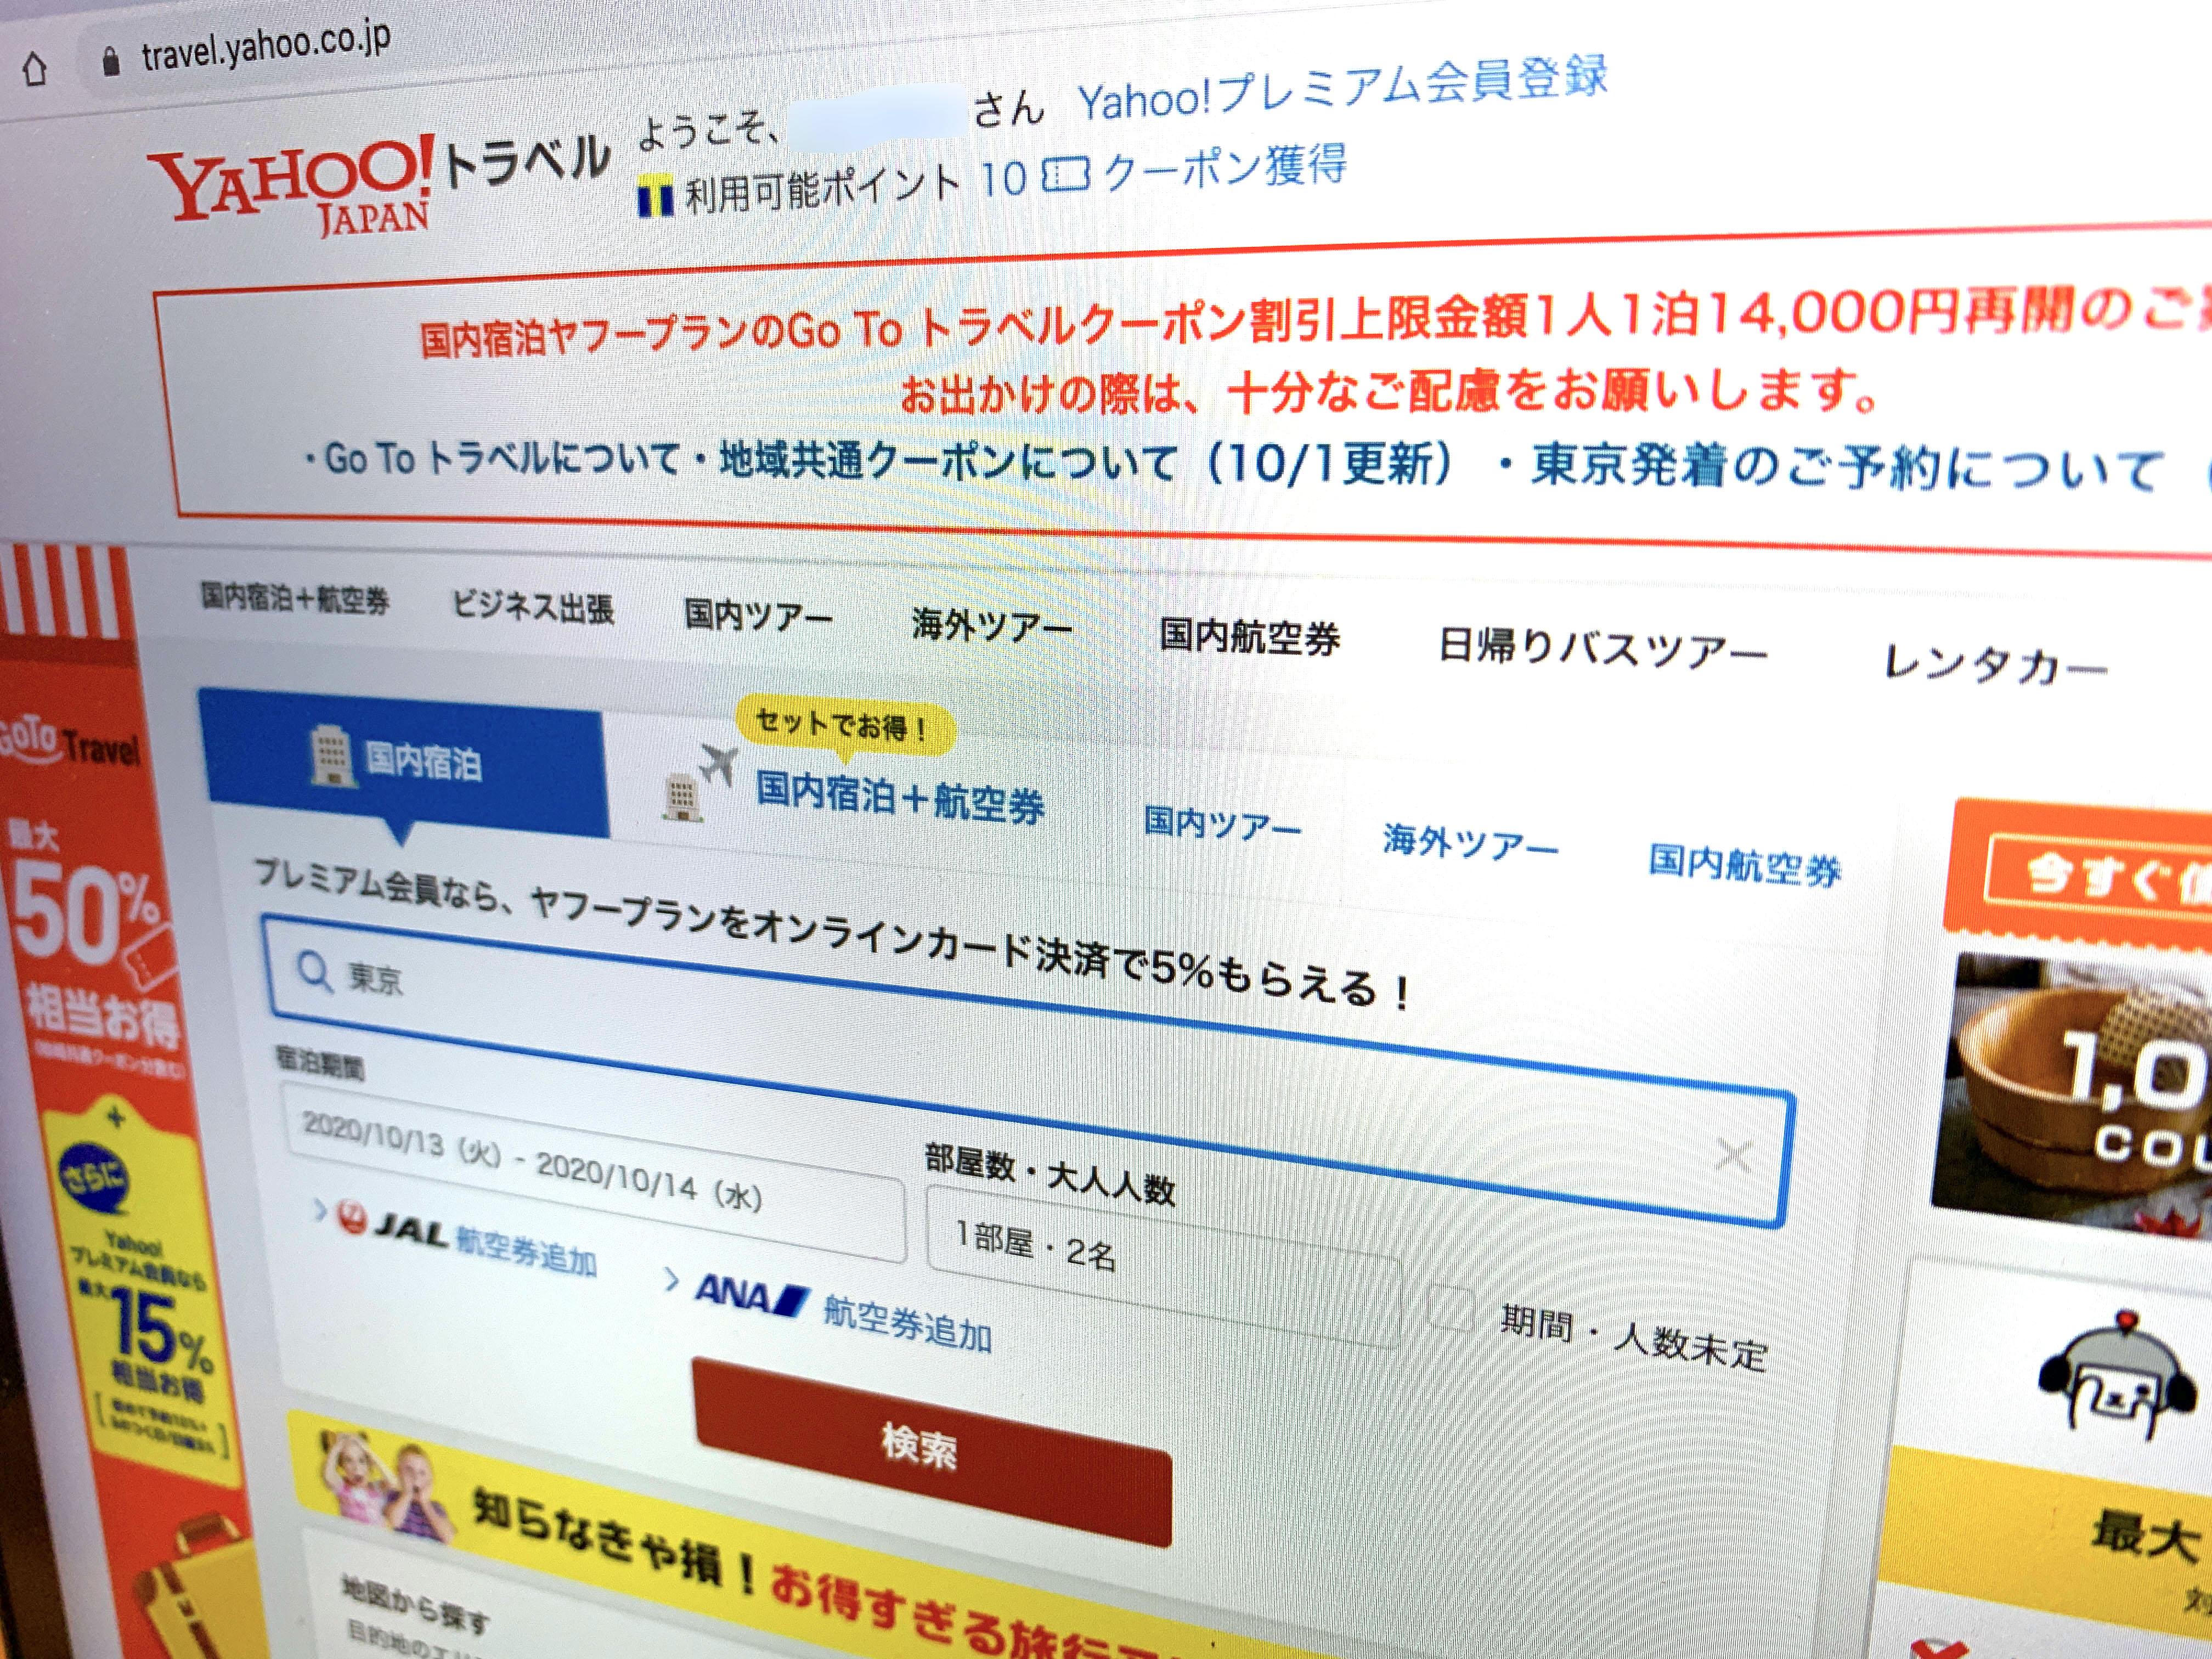 大手予約サイト3社「GoToの割引上限」を元通りで販売再開…Yahoo!トラベル、じゃらん、一休